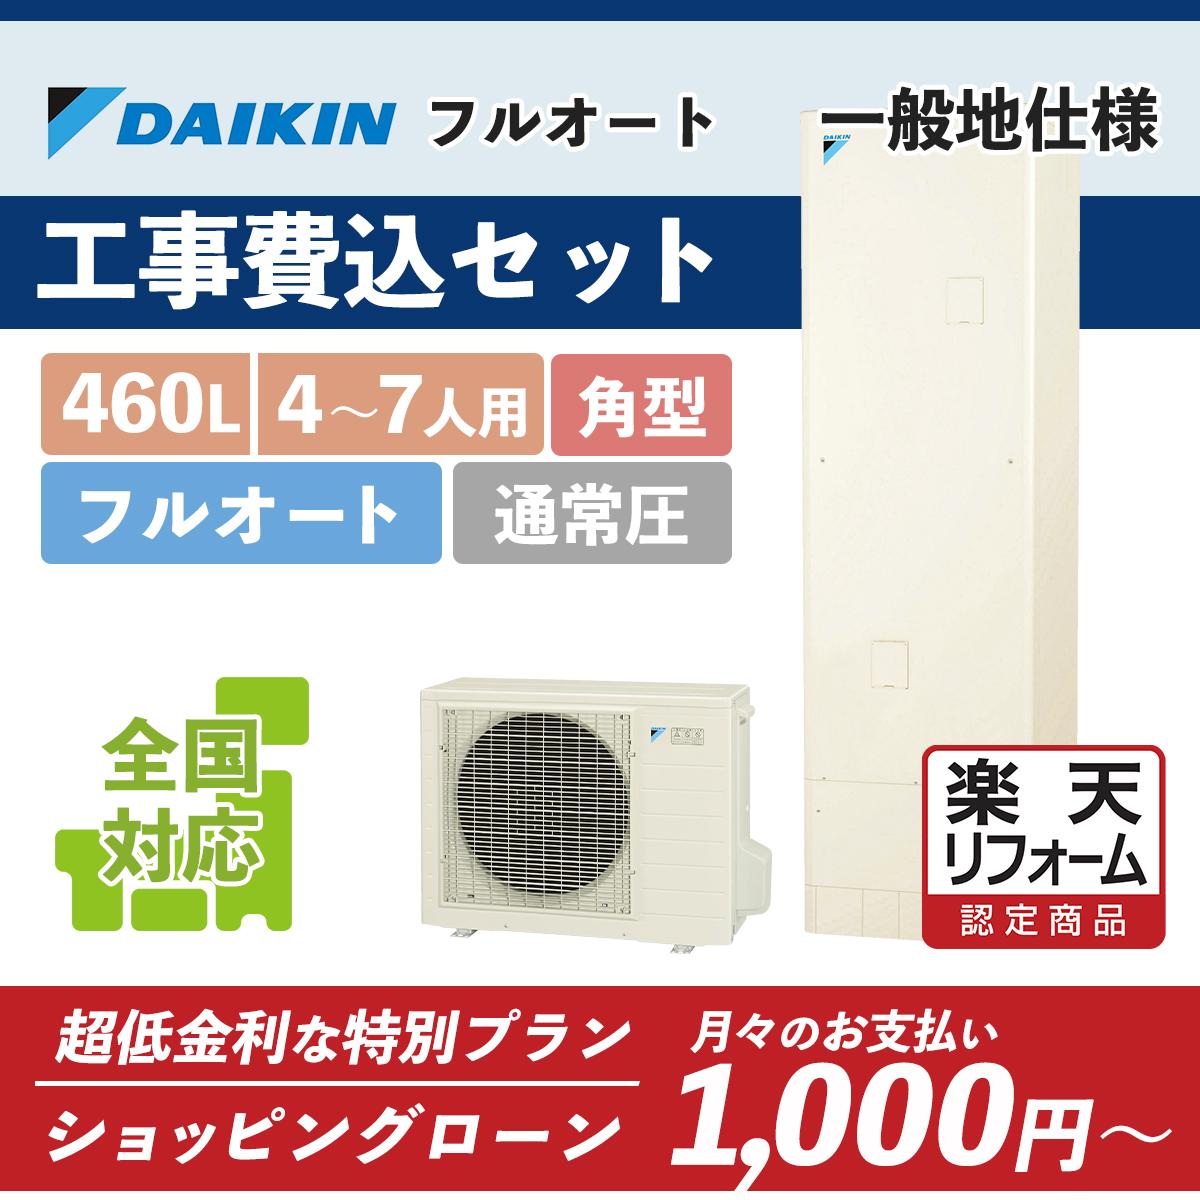 【リフォーム認定商品】EQN46UFV|ダイキン 角型 460L|エコキュート工事費込み!全国対応!リモコンセット,給湯器,フルオート,DAIKIN